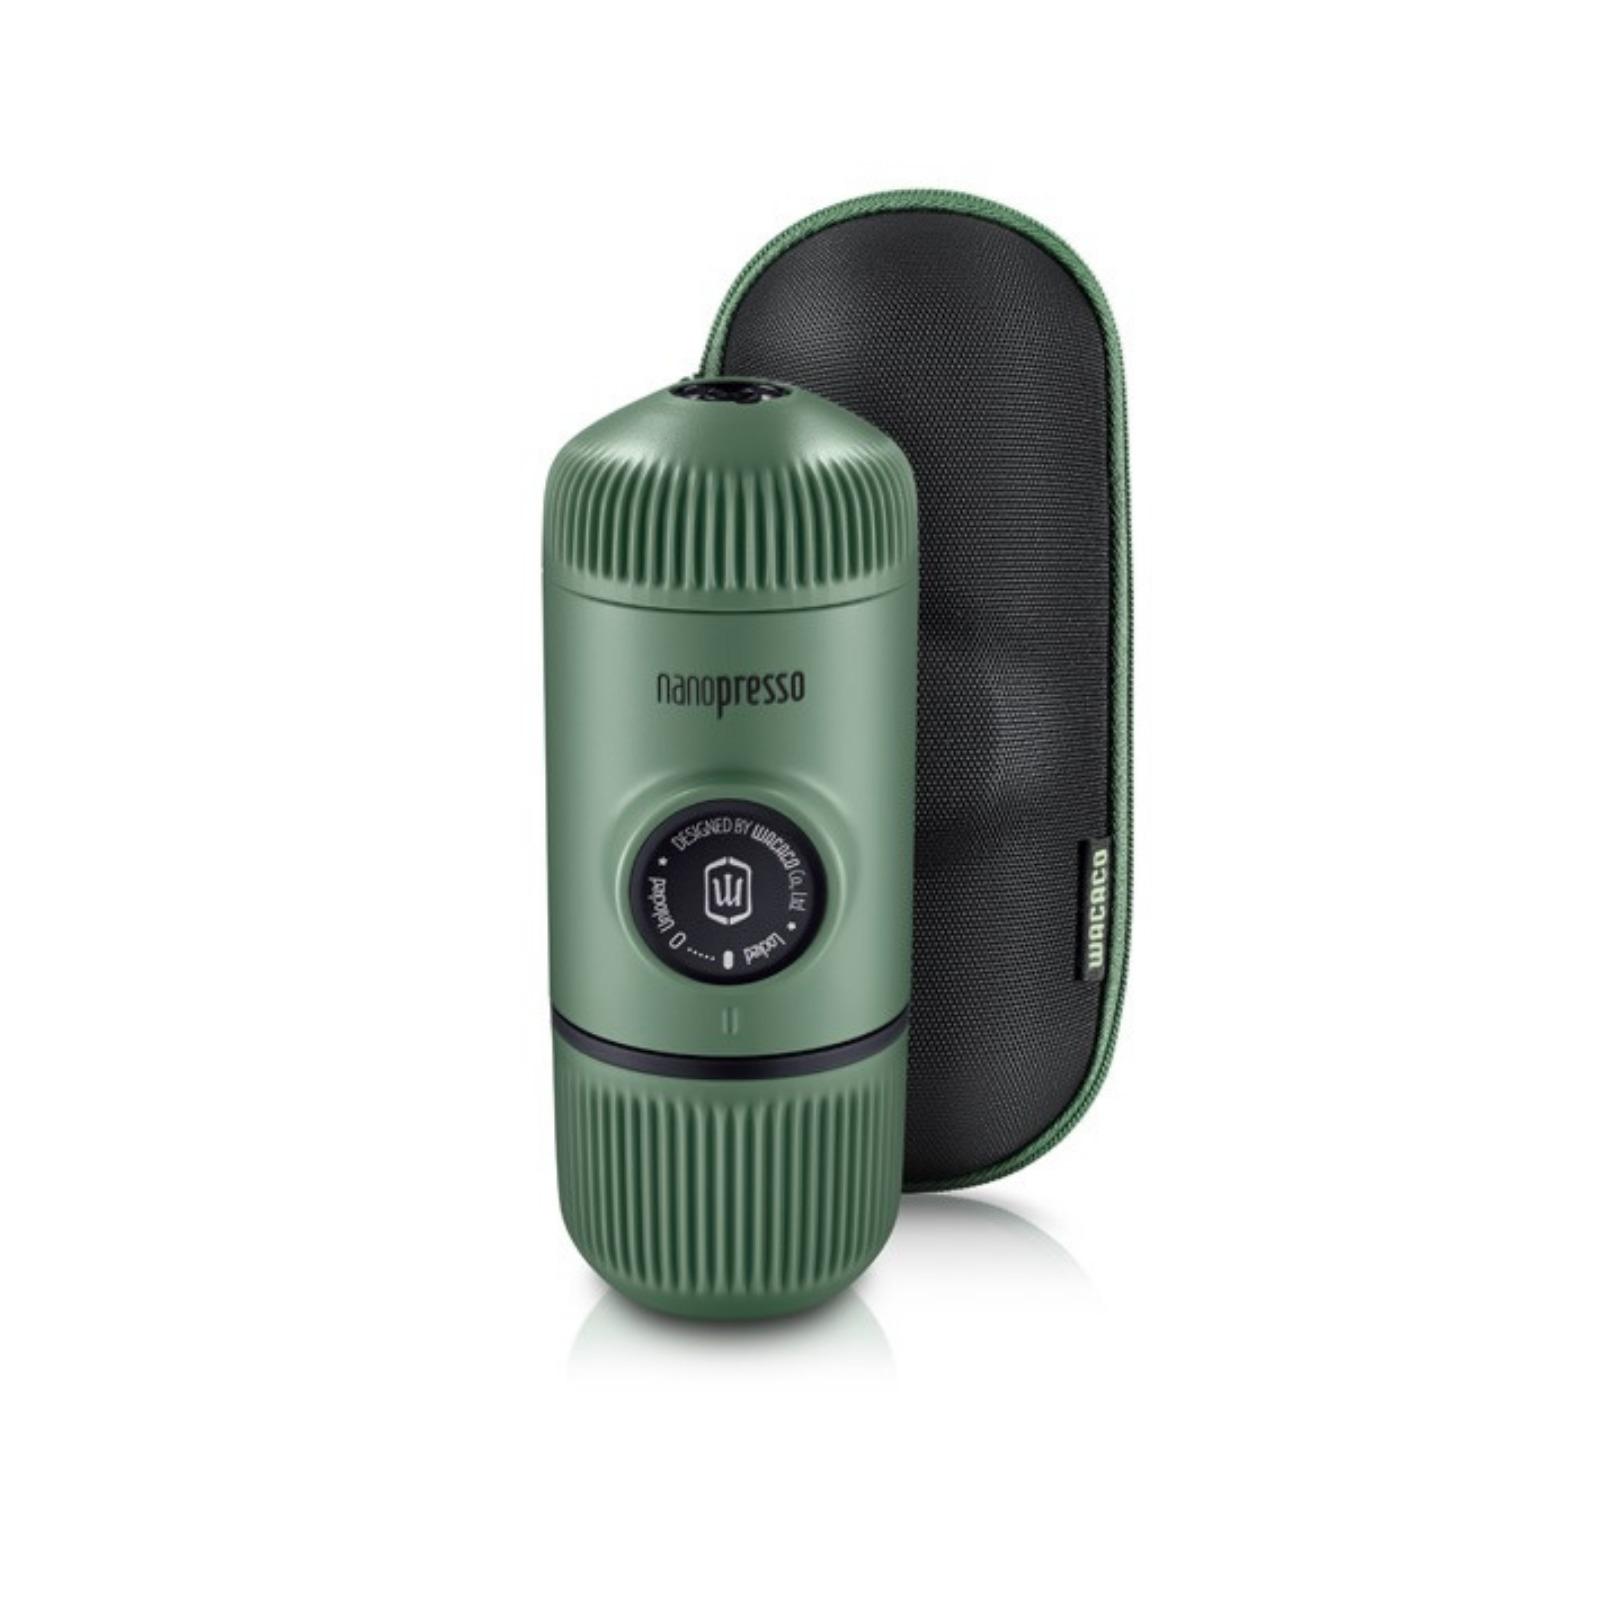 Nanopresso Moss Green Portable Espresso Maker + Hard Case